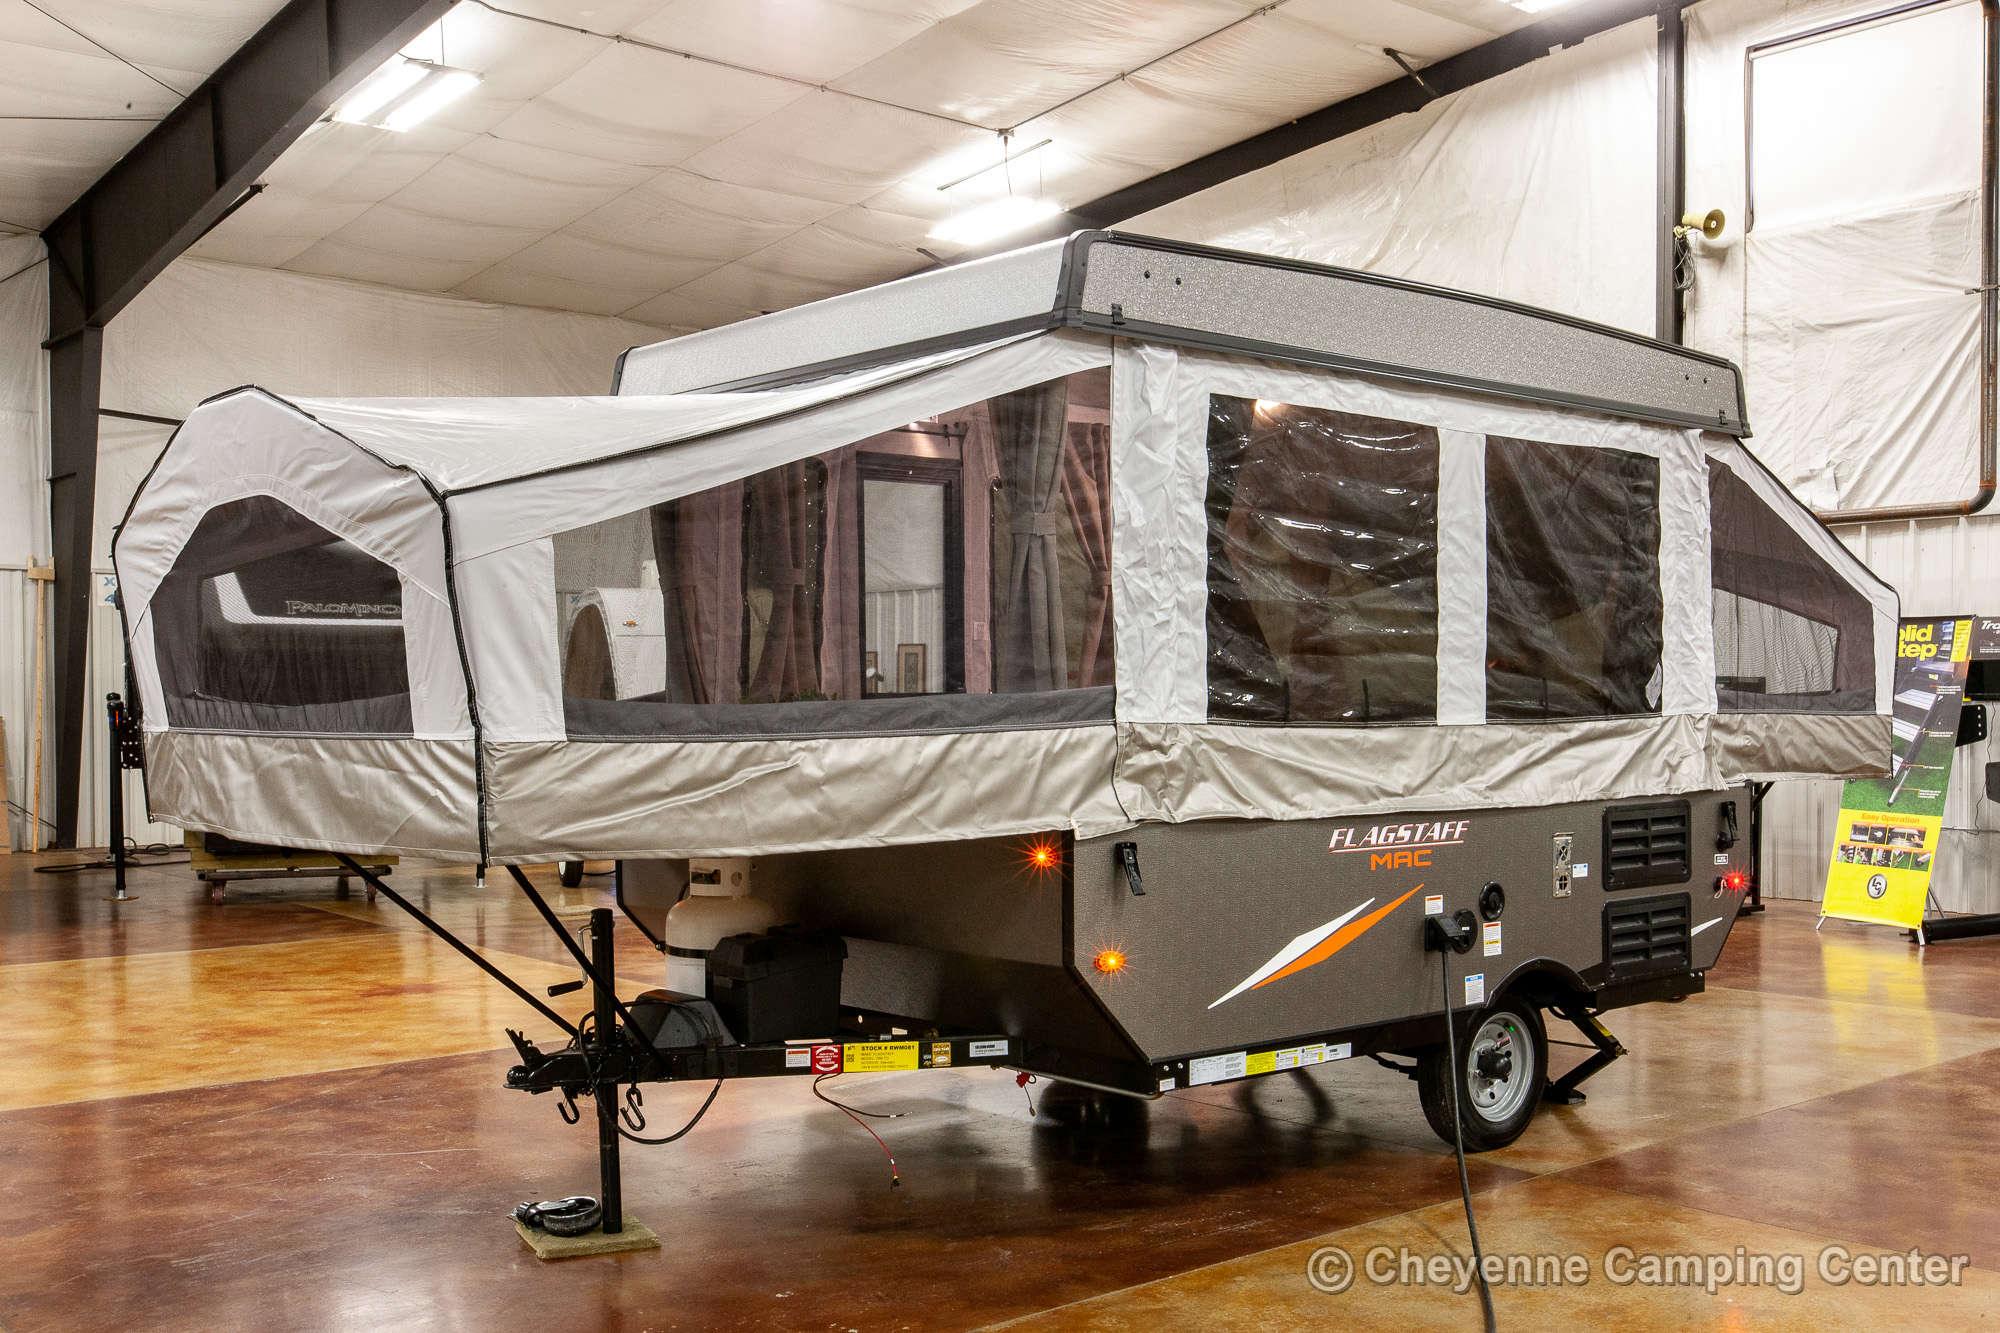 2021 Forest River Flagstaff LTD 206LTD Folding Camper Exterior Image